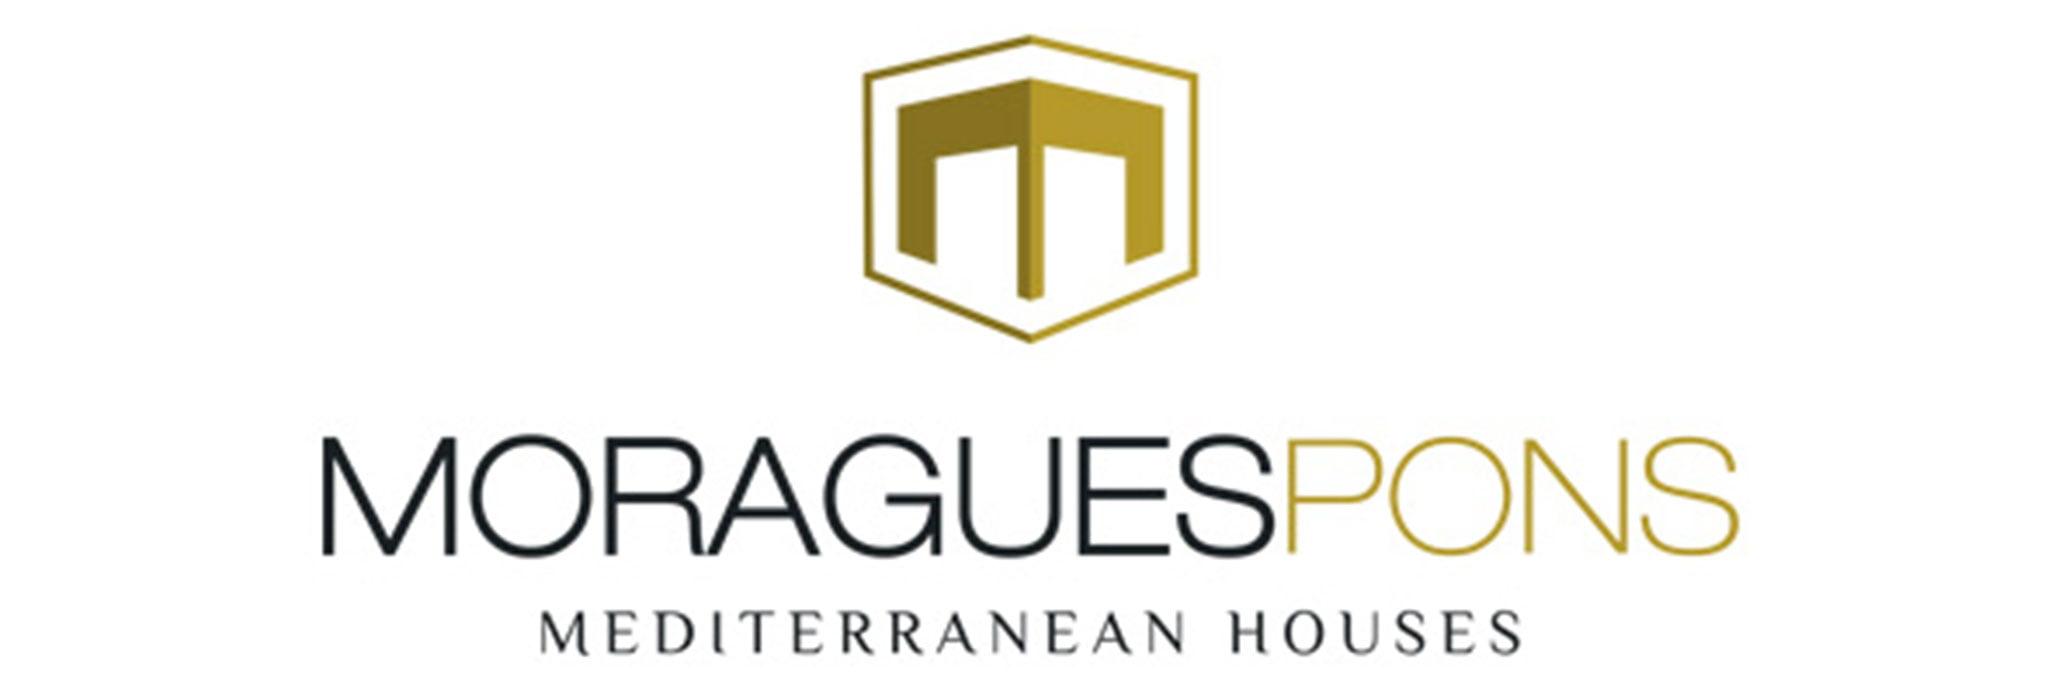 MORAGUESPONS Mittelmeerhaus-Logo